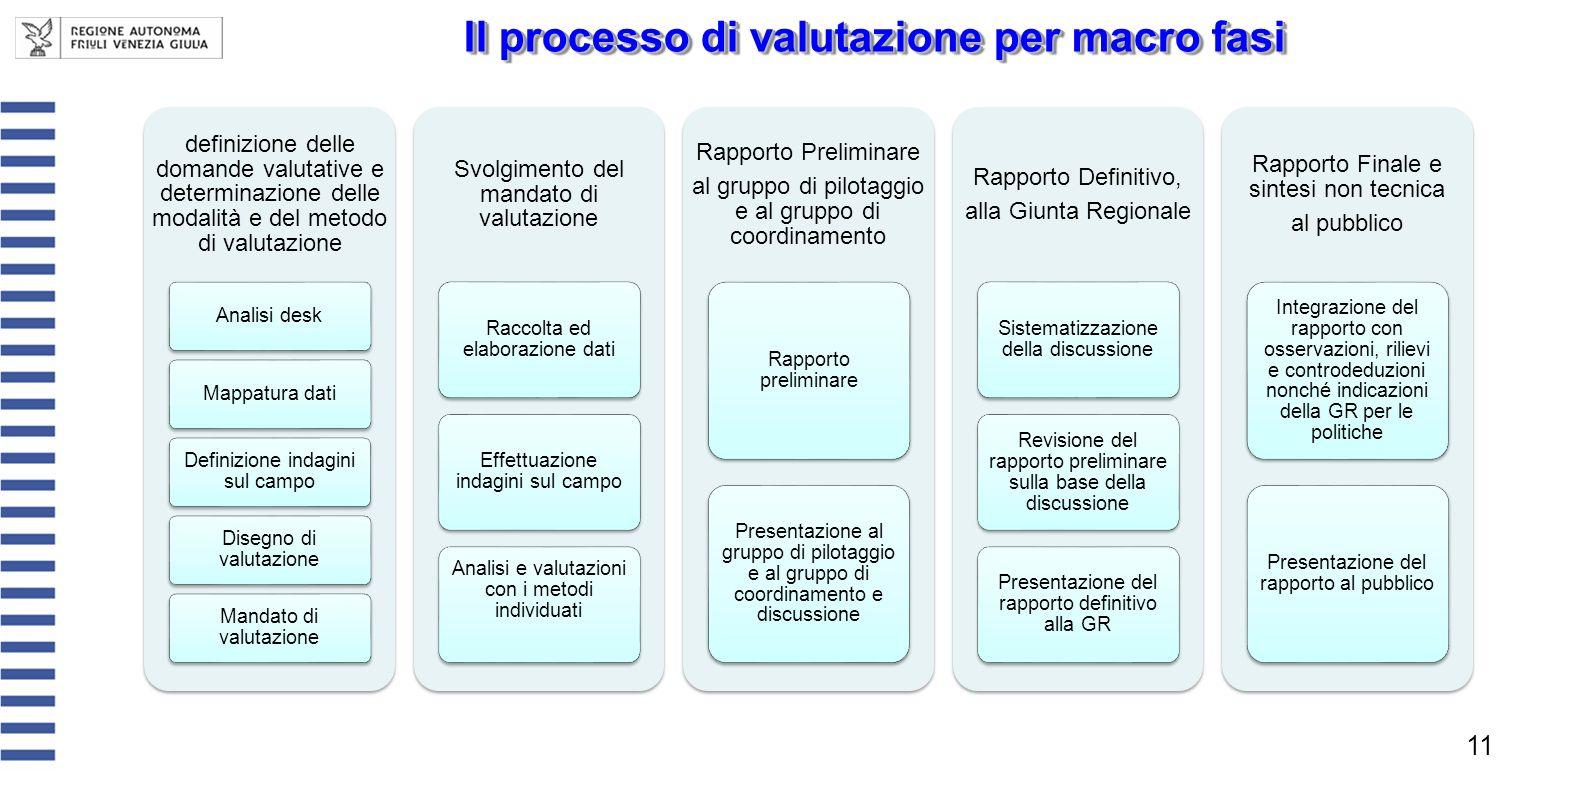 Il processo di valutazione per macro fasi 11 definizione delle domande valutative e determinazione delle modalità e del metodo di valutazione Analisi